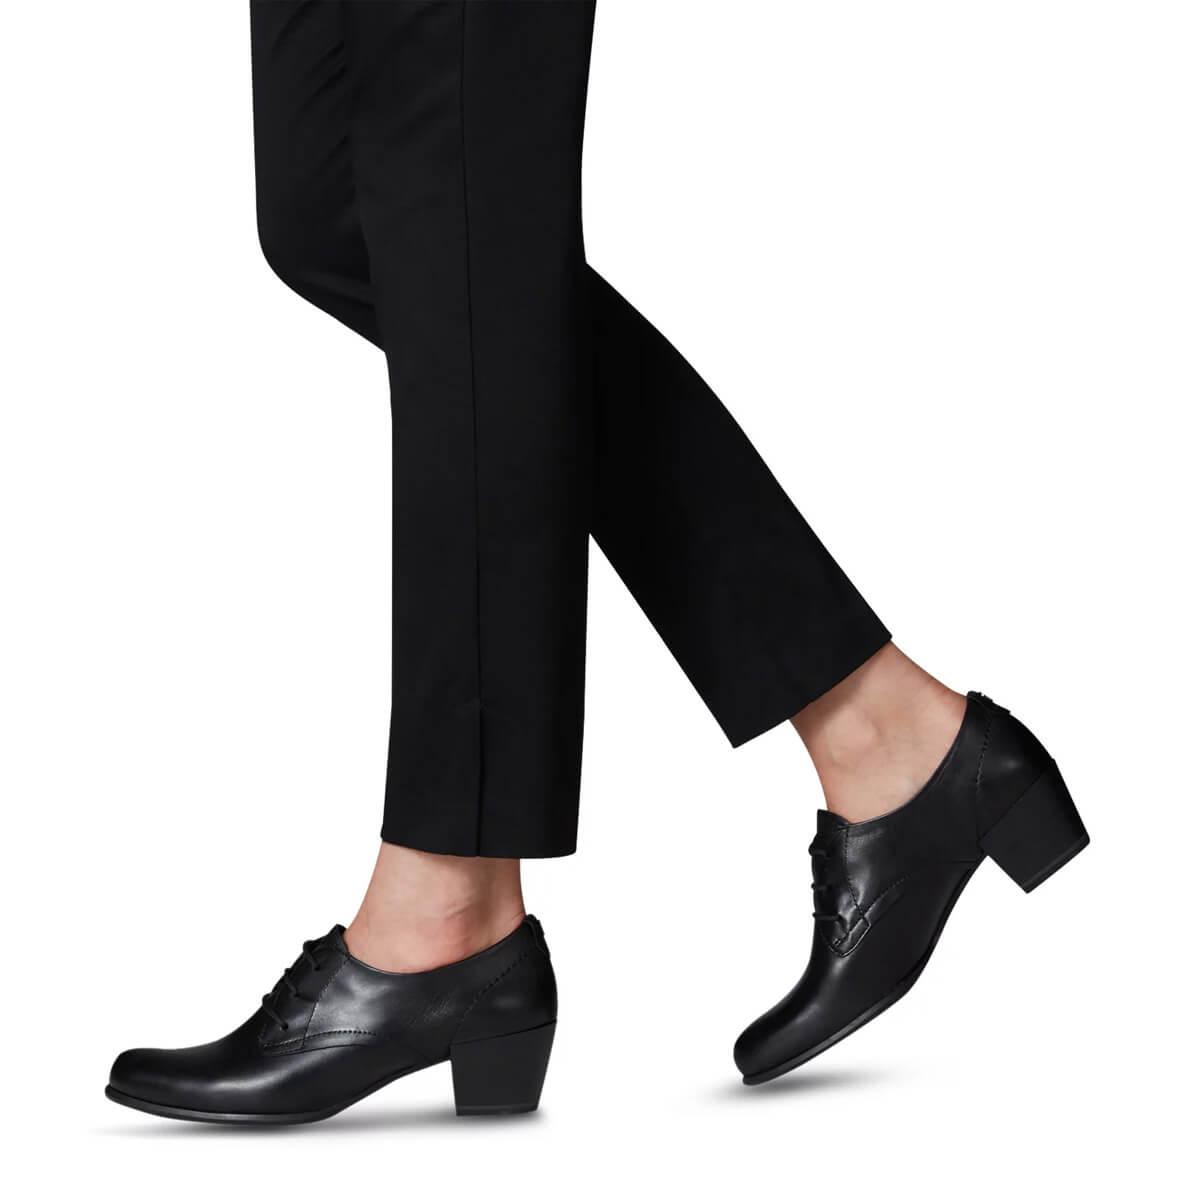 Tamaris fűzős zárt női cipő AntiShokk sarokkal Női cipők